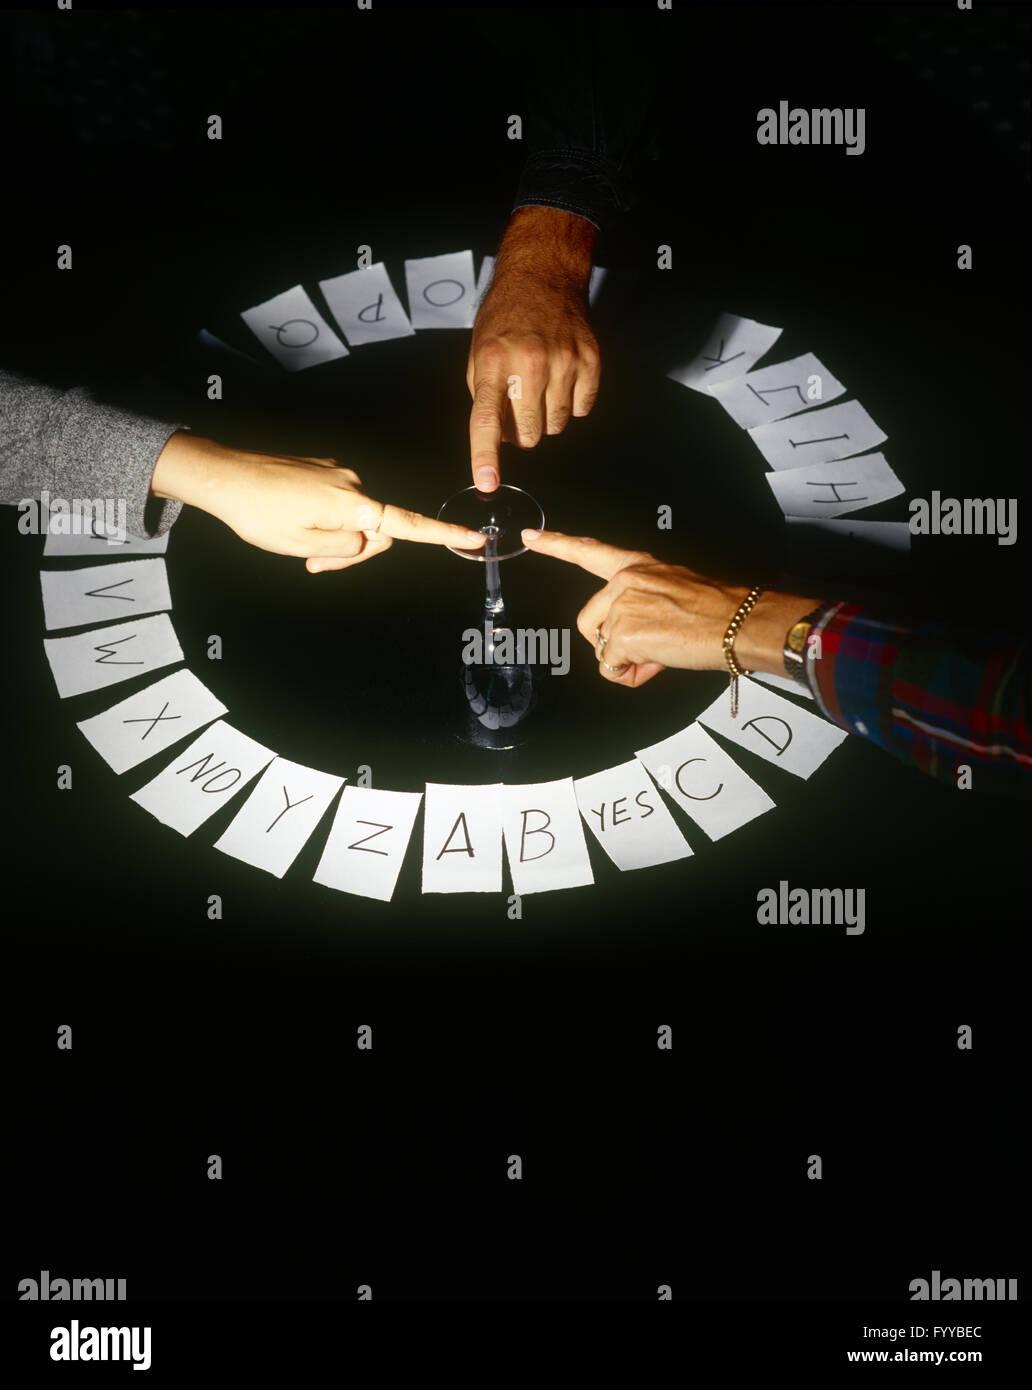 Trois doigts sur une glace en faisant un jeu surnaturelle, à l'intérieur Photo Stock